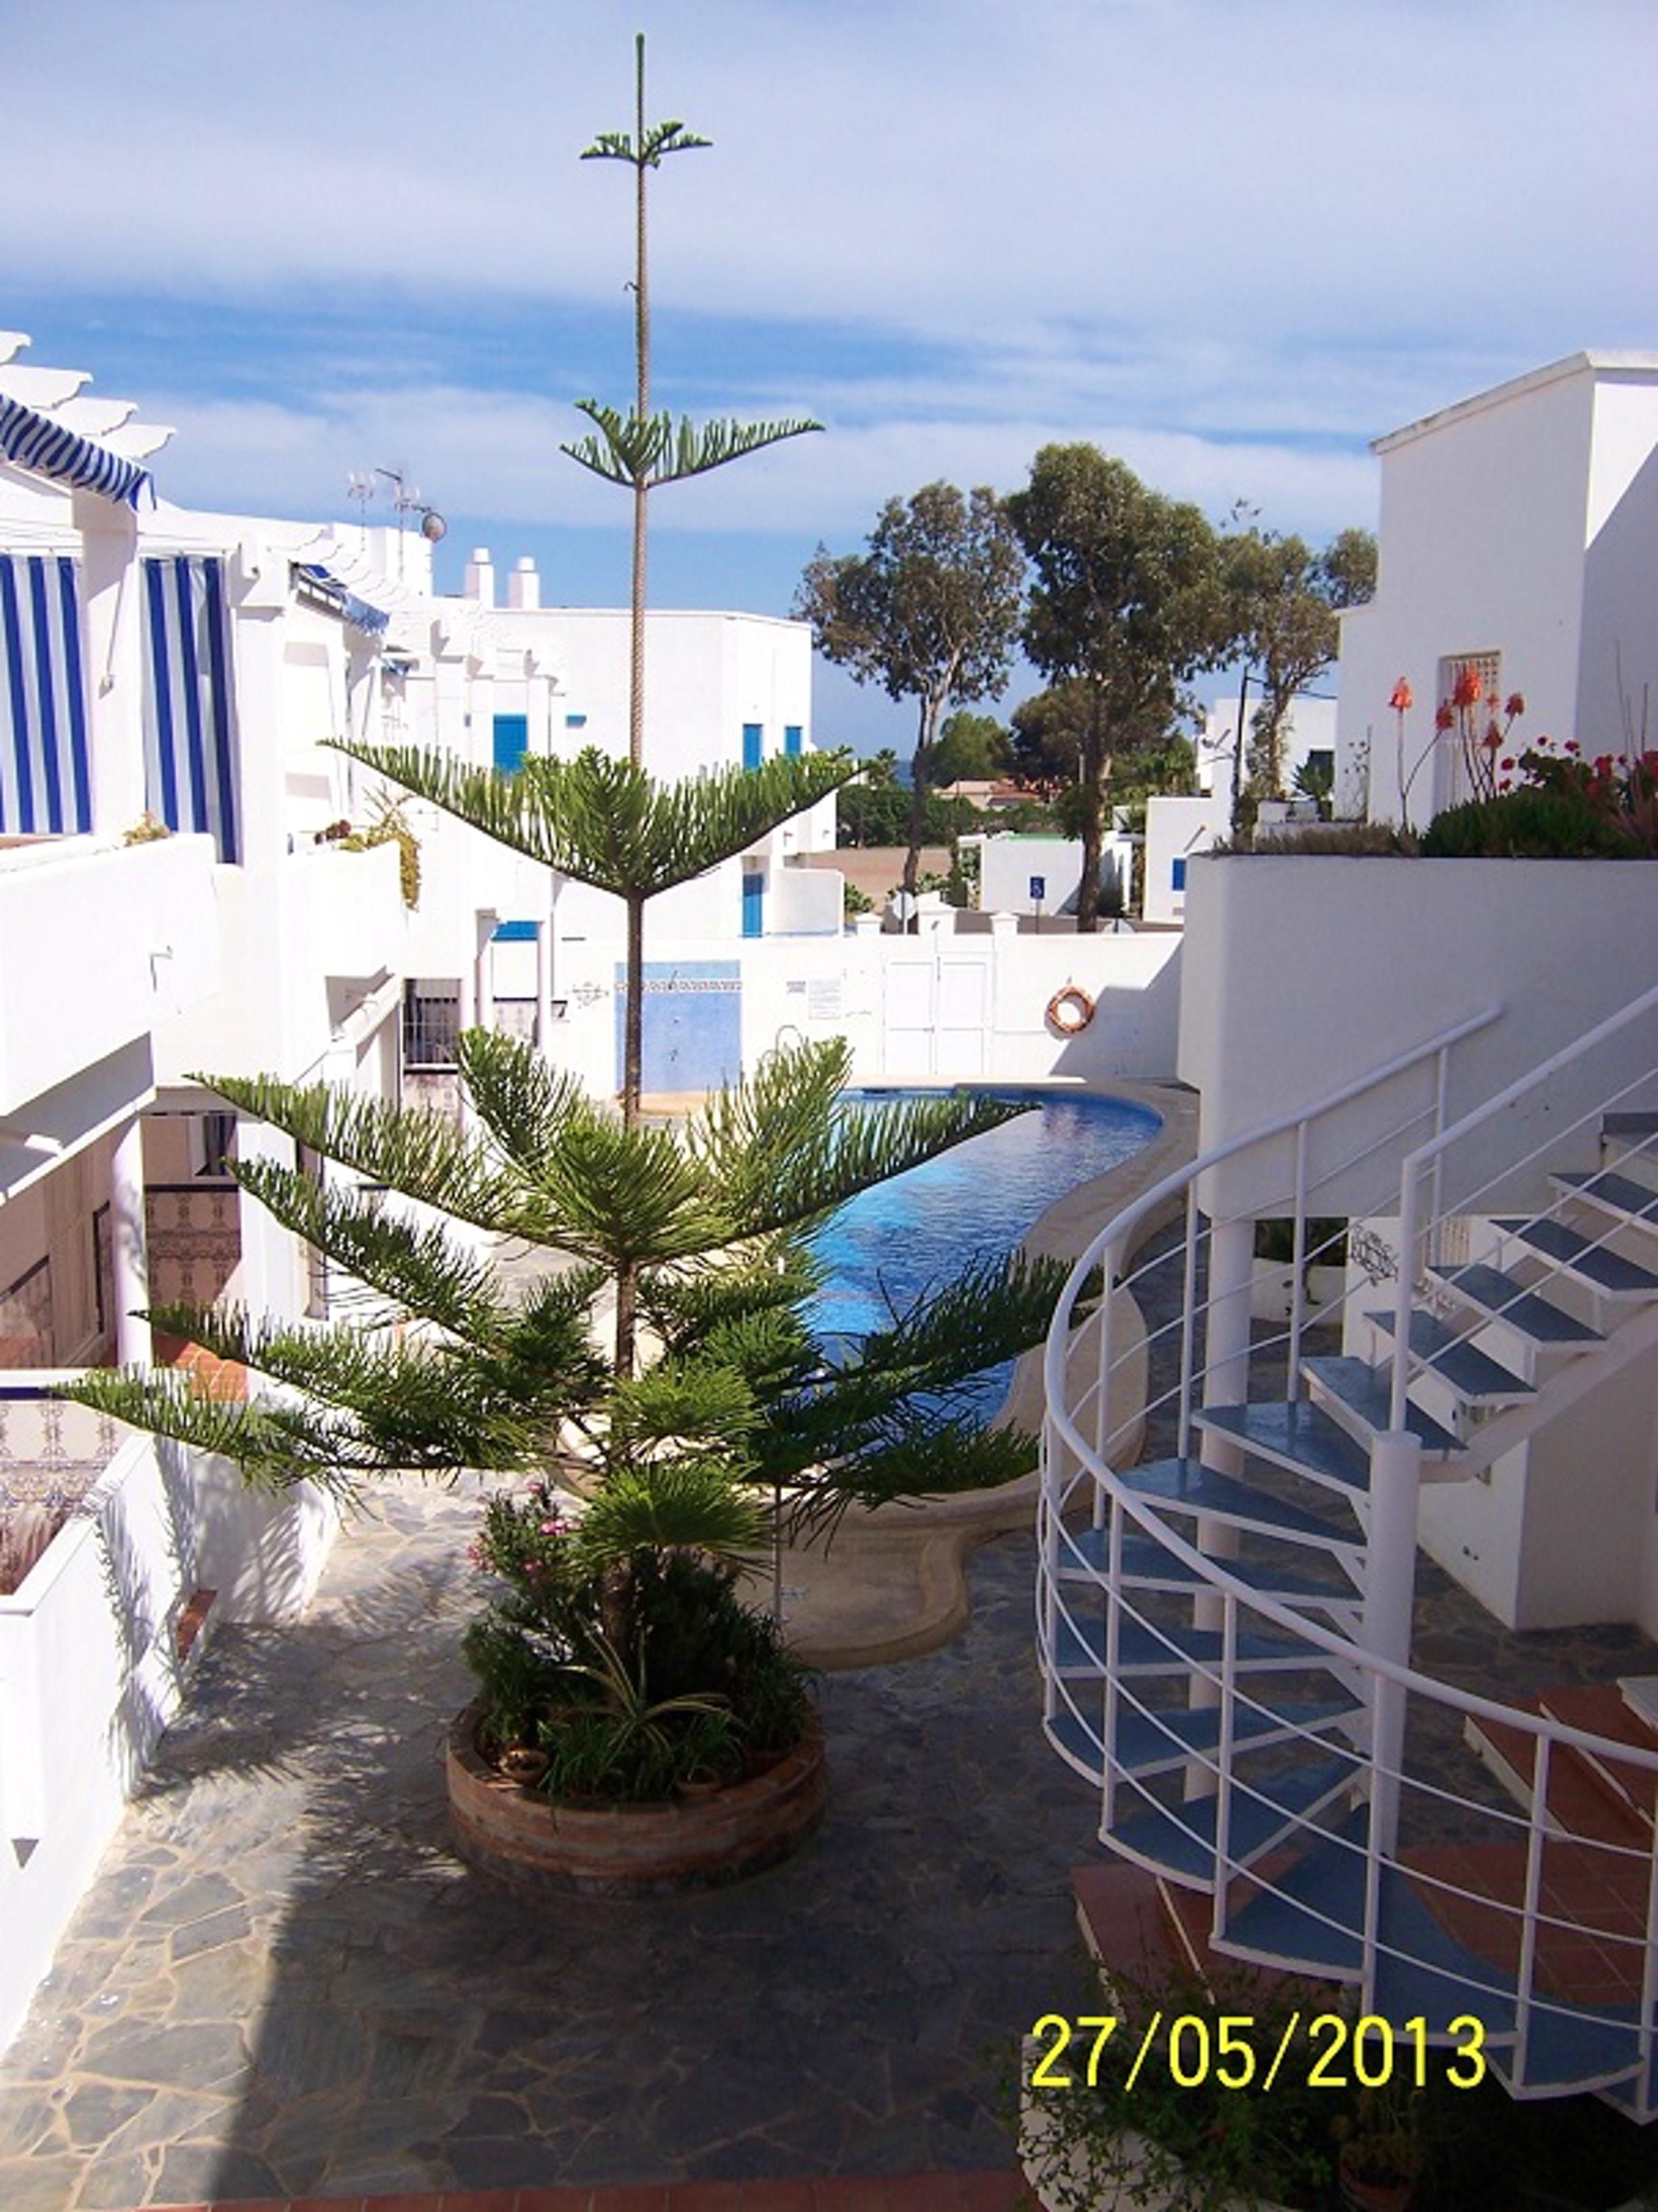 Ferienwohnung Wohnung mit 2 Schlafzimmern in San José de Nijar mit privatem Pool, Terrasse und W-LAN - 5 (2271490), San Jose, Costa de Almeria, Andalusien, Spanien, Bild 2